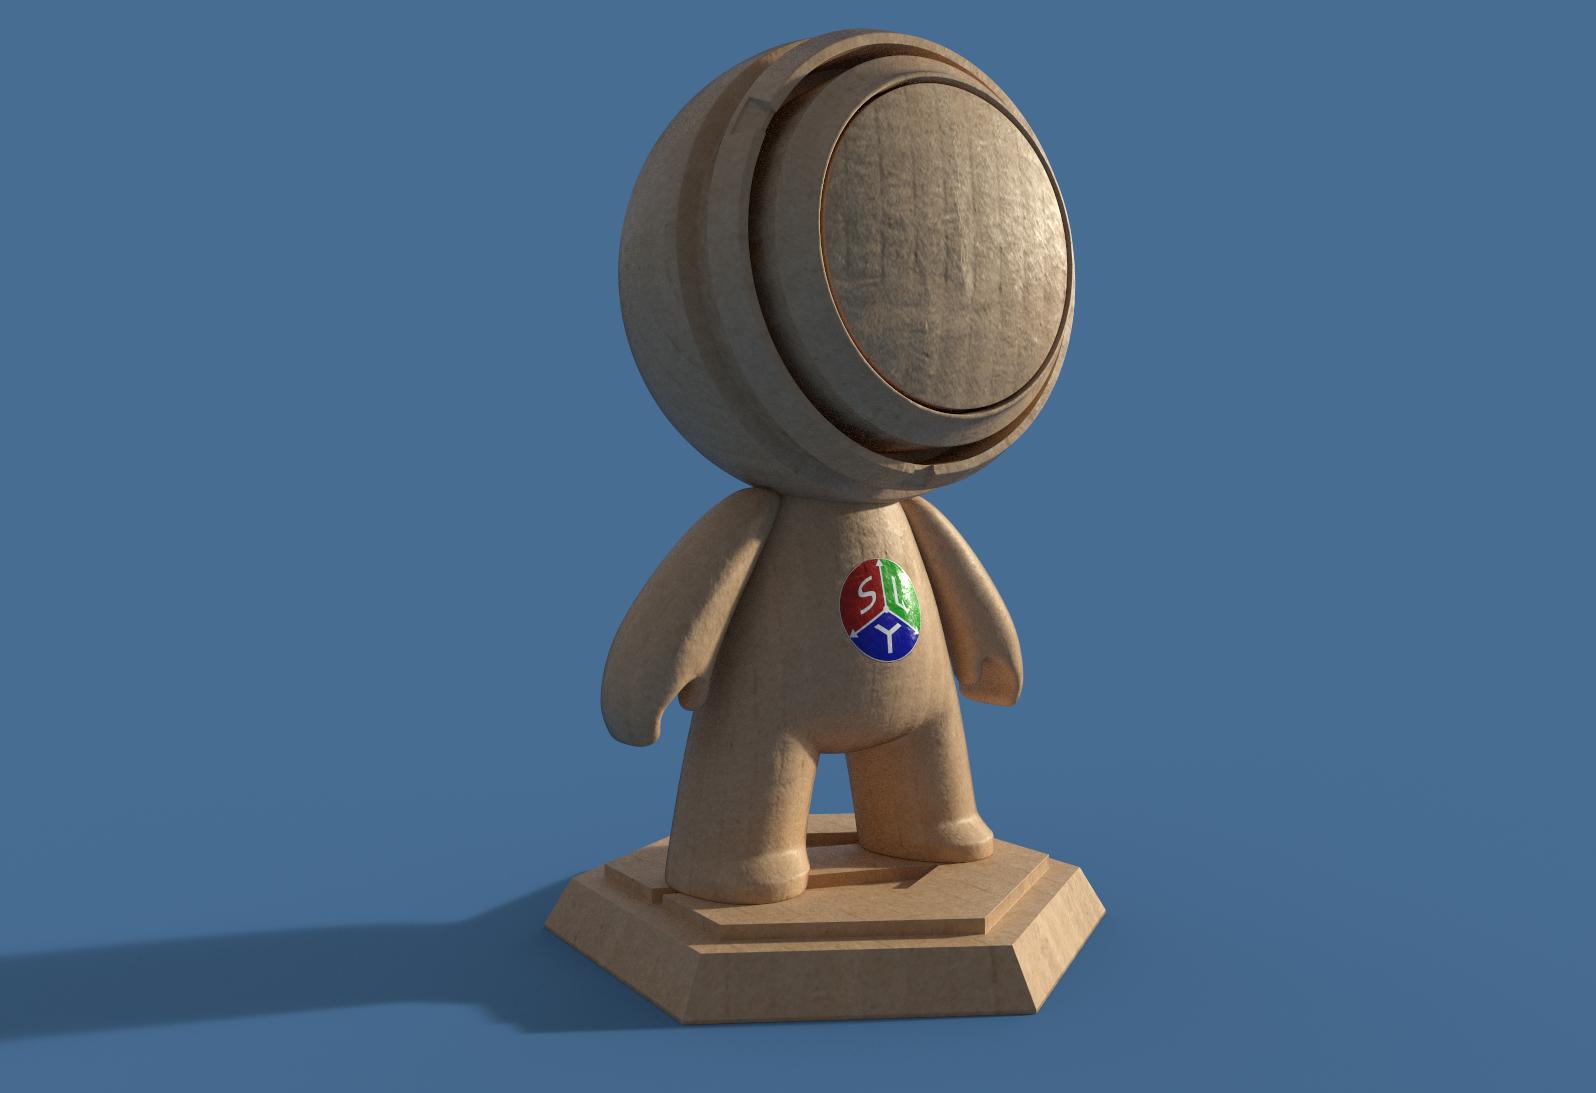 Material Scan 1 - Cardboard